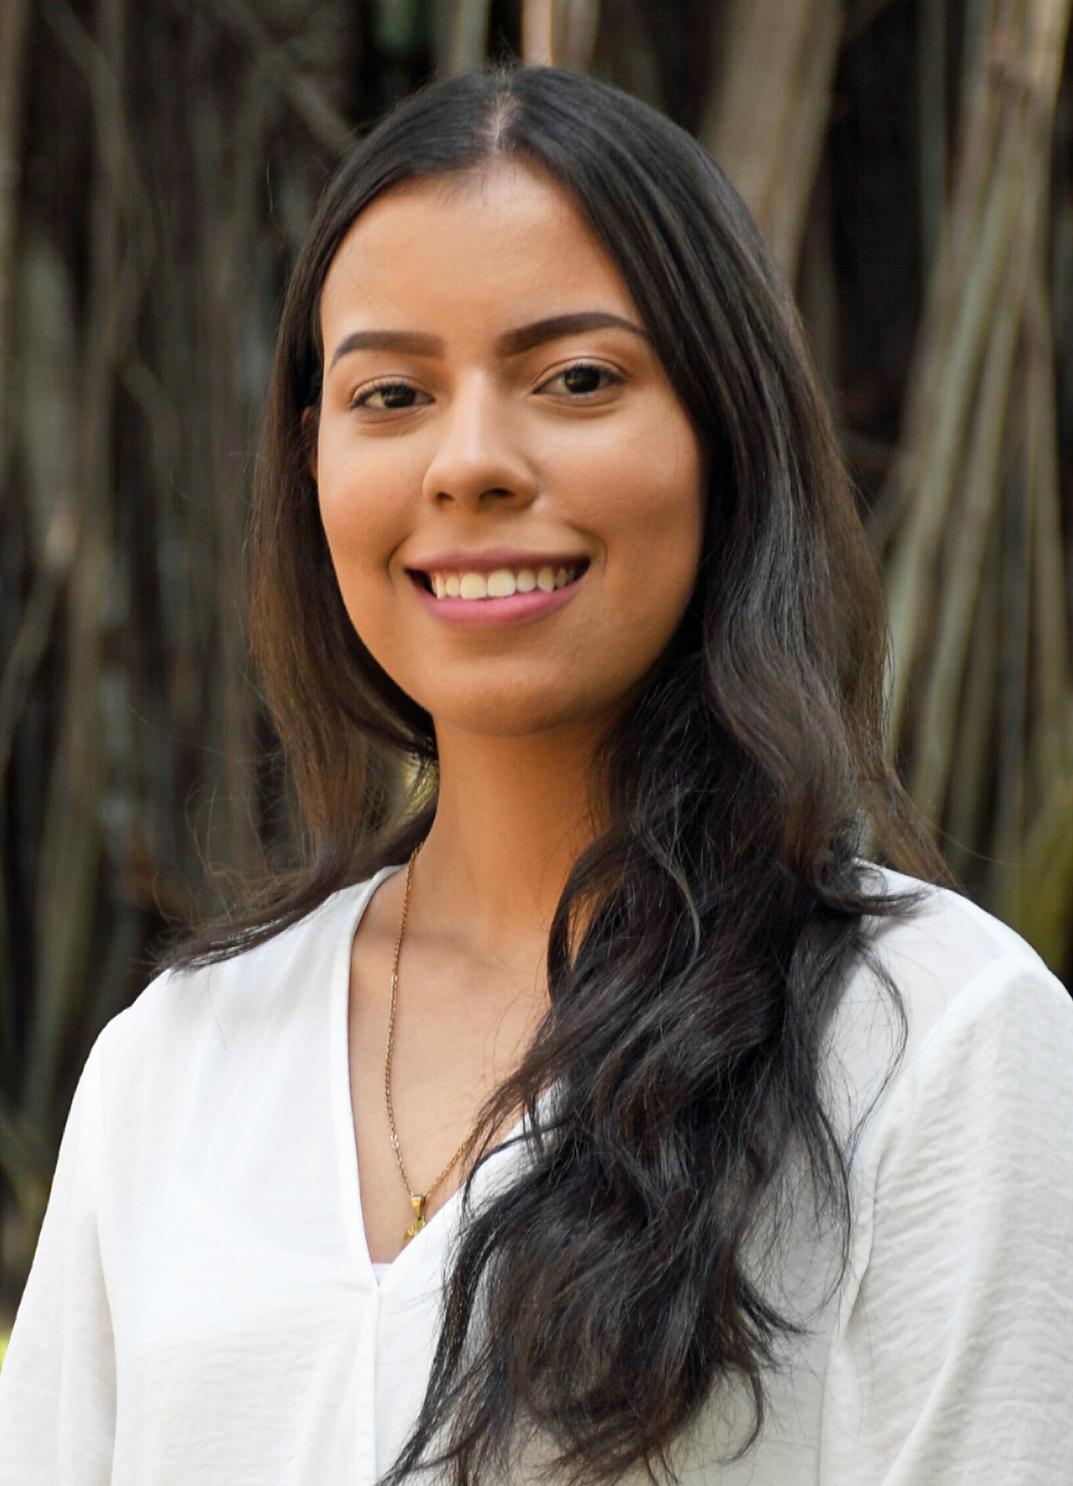 Angie Pineda Padilla